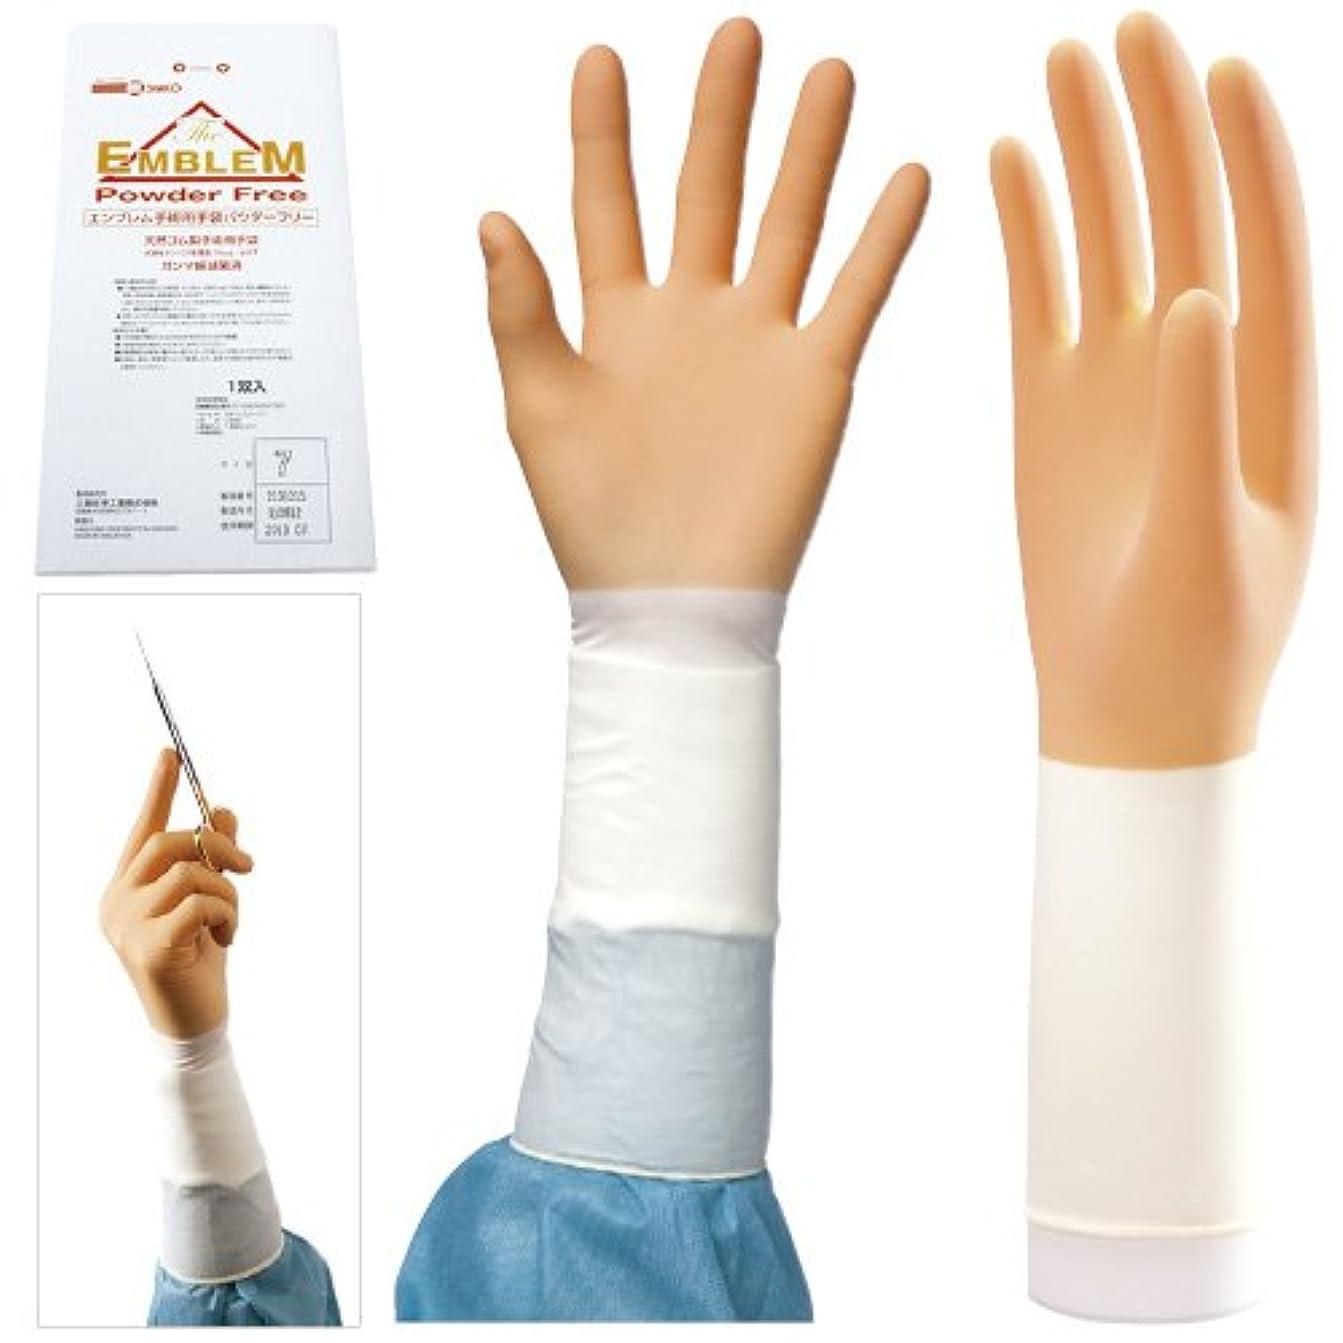 スロベニア凶暴な注釈エンブレム手術用手袋 パウダーフリー NEW(20双入) 5.5